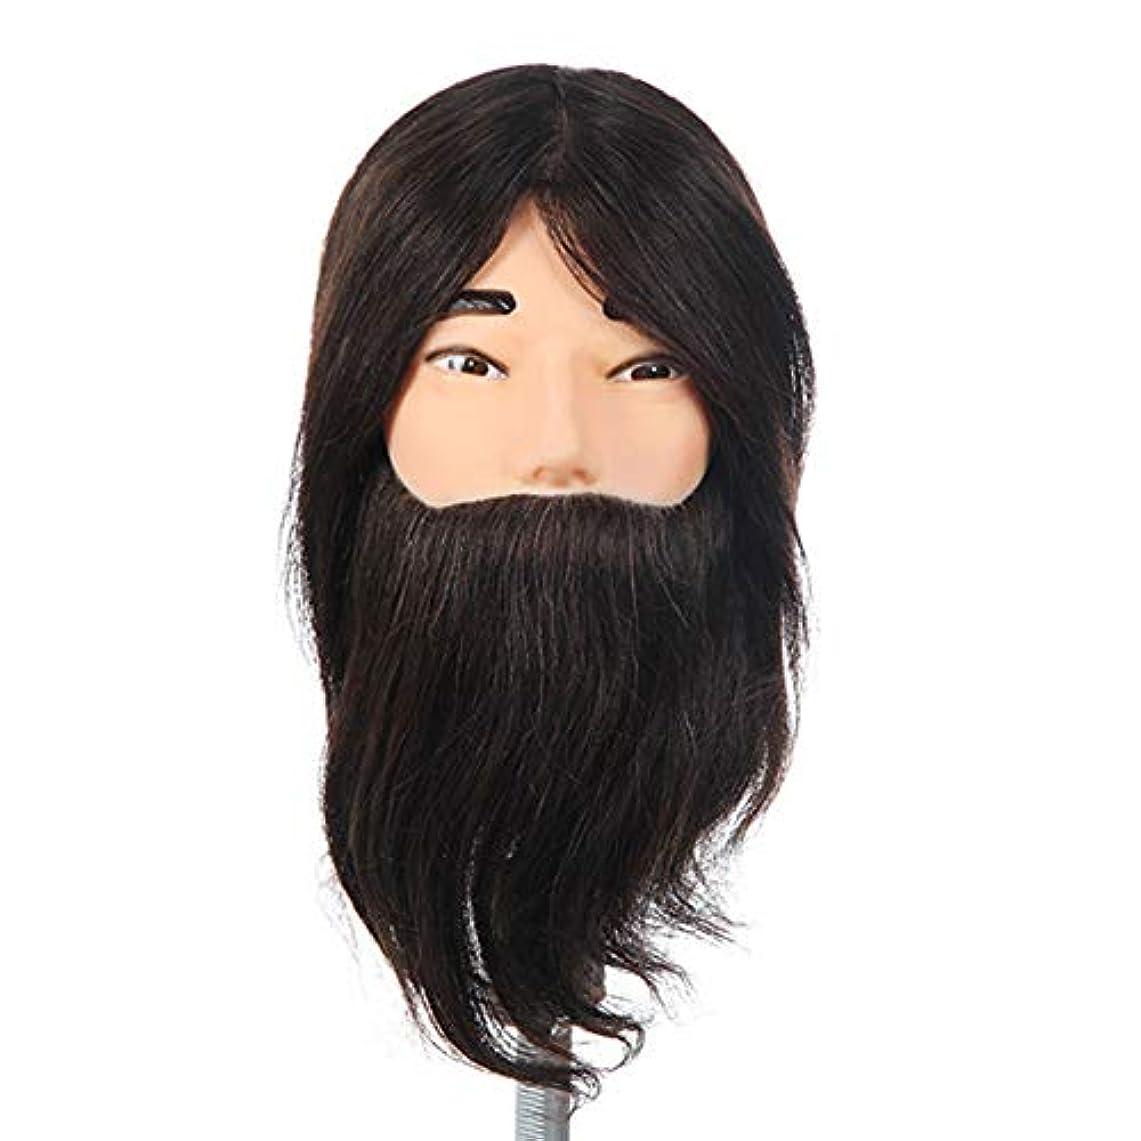 脅迫地元調整リアルヘア練習ヘッドモデルヘアサロントリミングパーマ染毛剤学習ダミーヘッドひげを生やした男性化粧マネキンヘッド